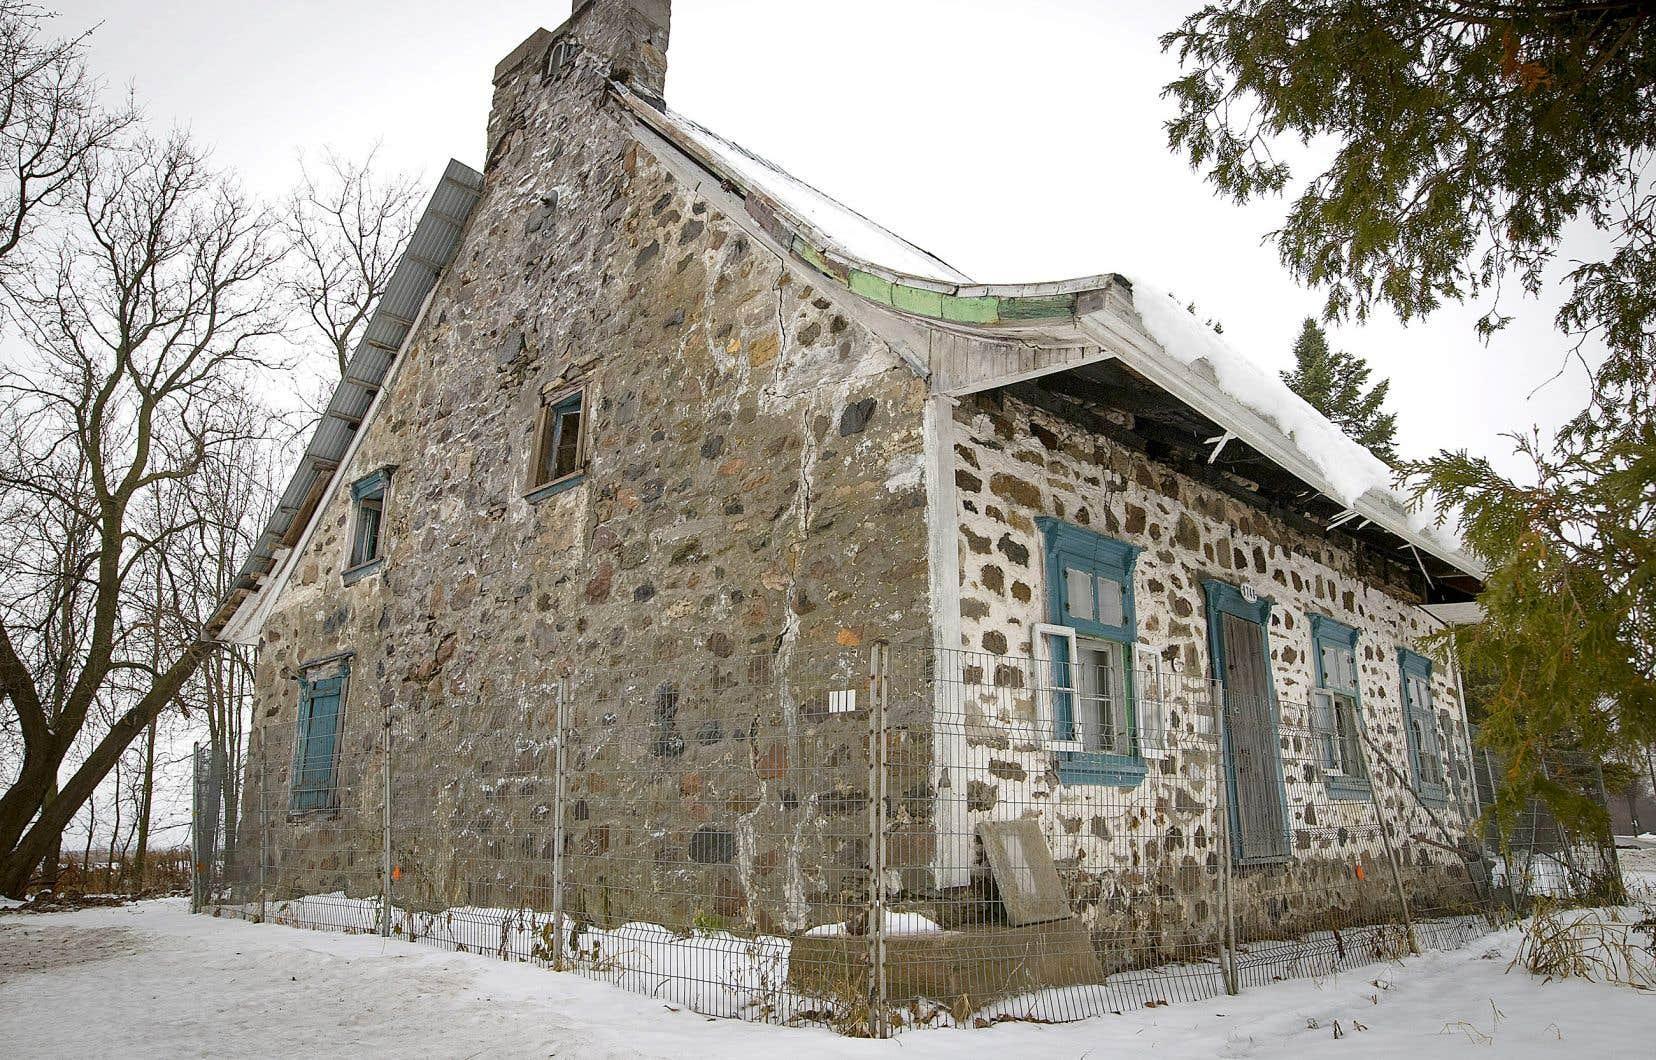 La maison Charbonneau, à Laval, est inscrite au registre des biens culturels depuis 1977. Et pourtant, elle continue de se détériorer avec le temps et l'absence d'entretien.